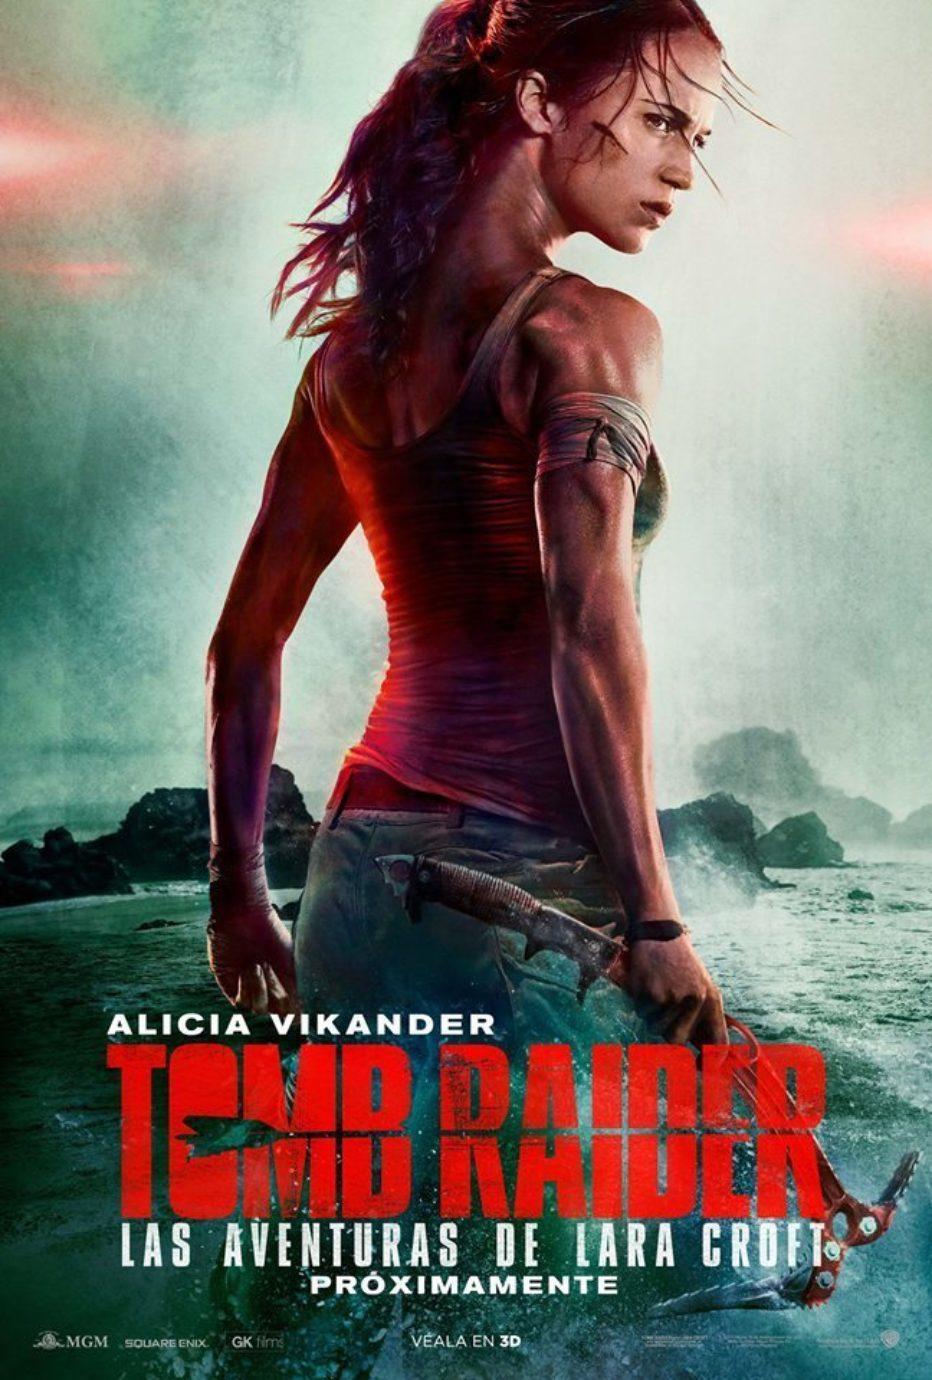 Segundo trailer de Tomb Raider con Alicia Vikander